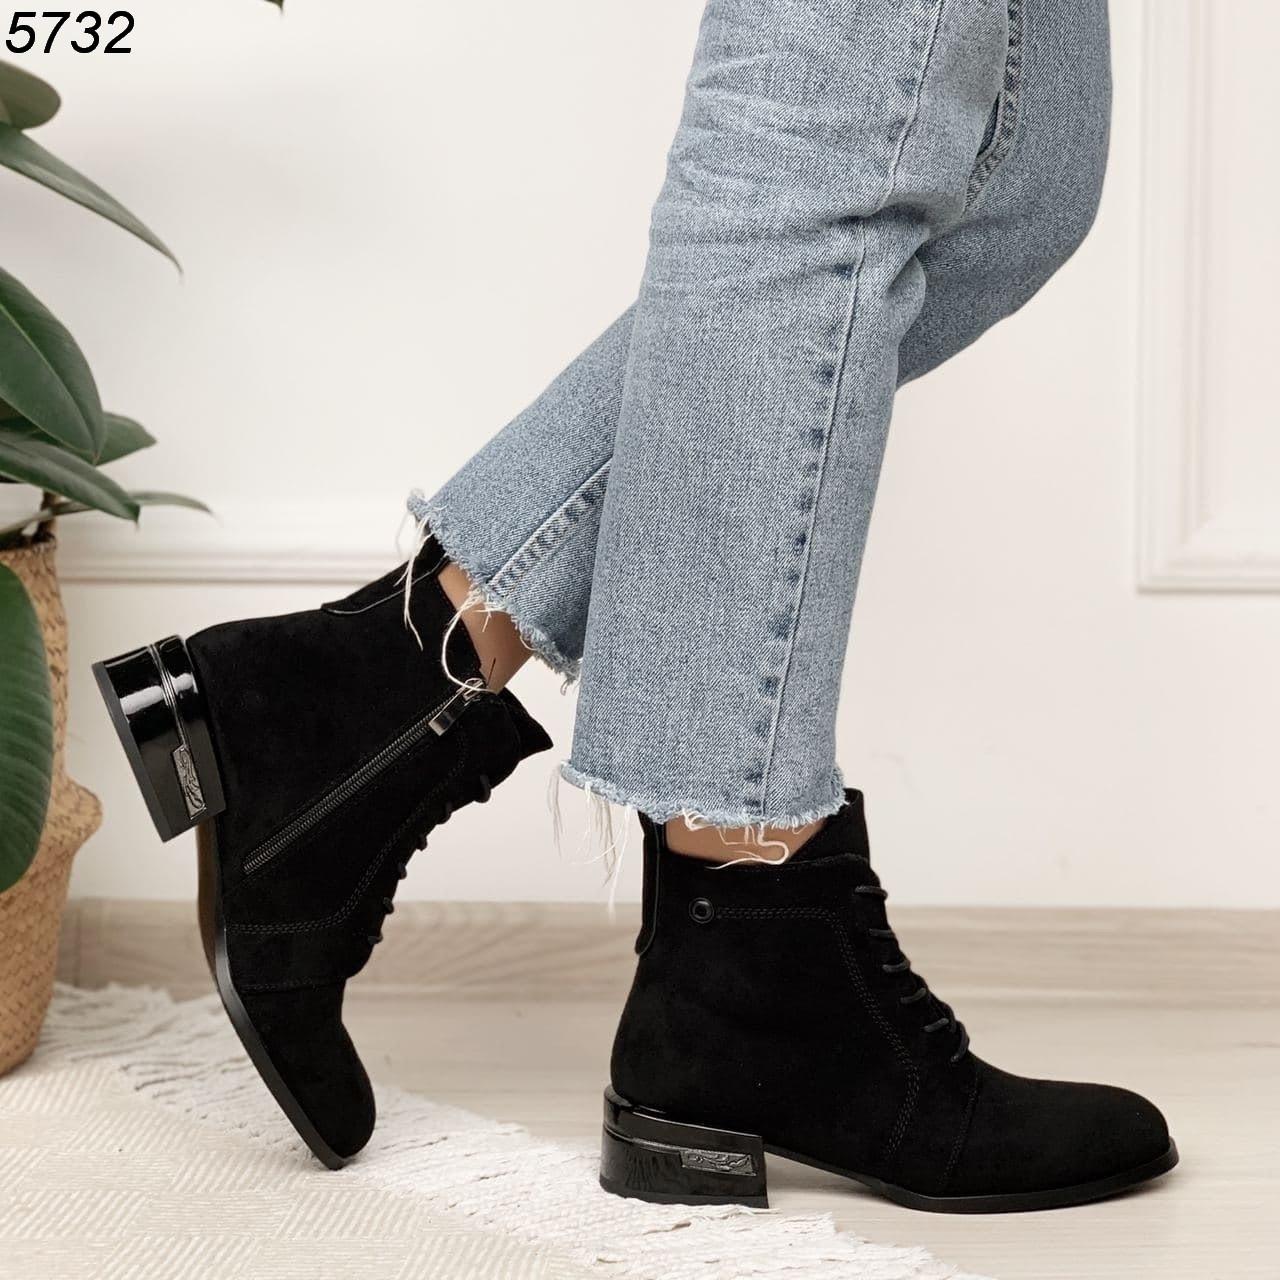 Ботинки женские замшевые на низком каблуке